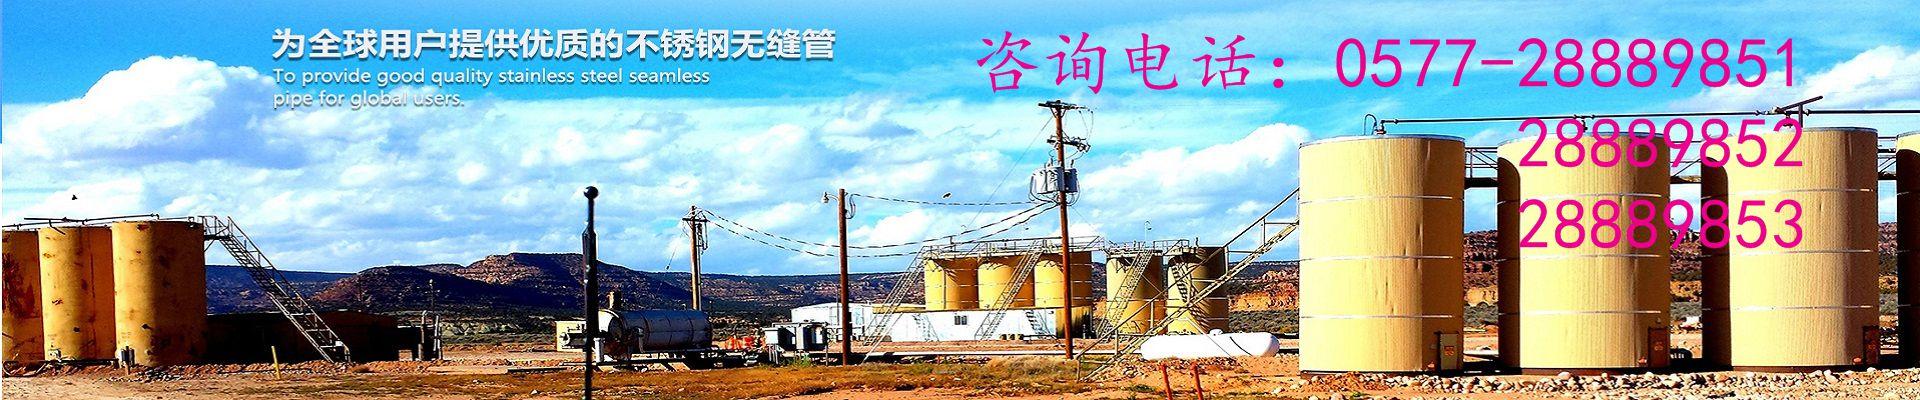 浙江中正不锈钢有限公司